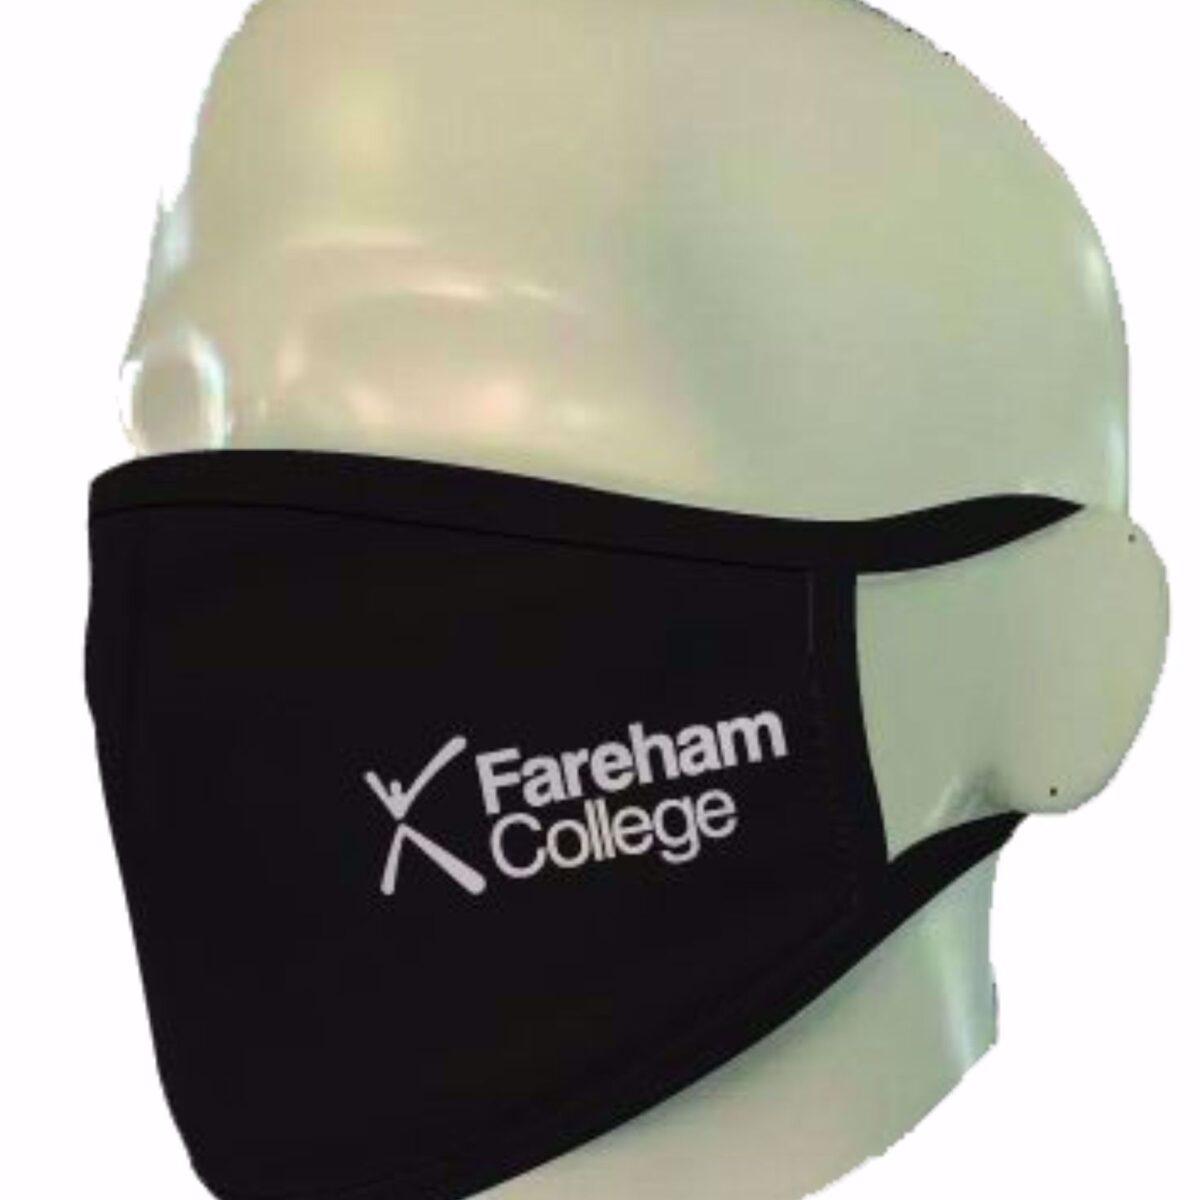 Fareham College Face Covering